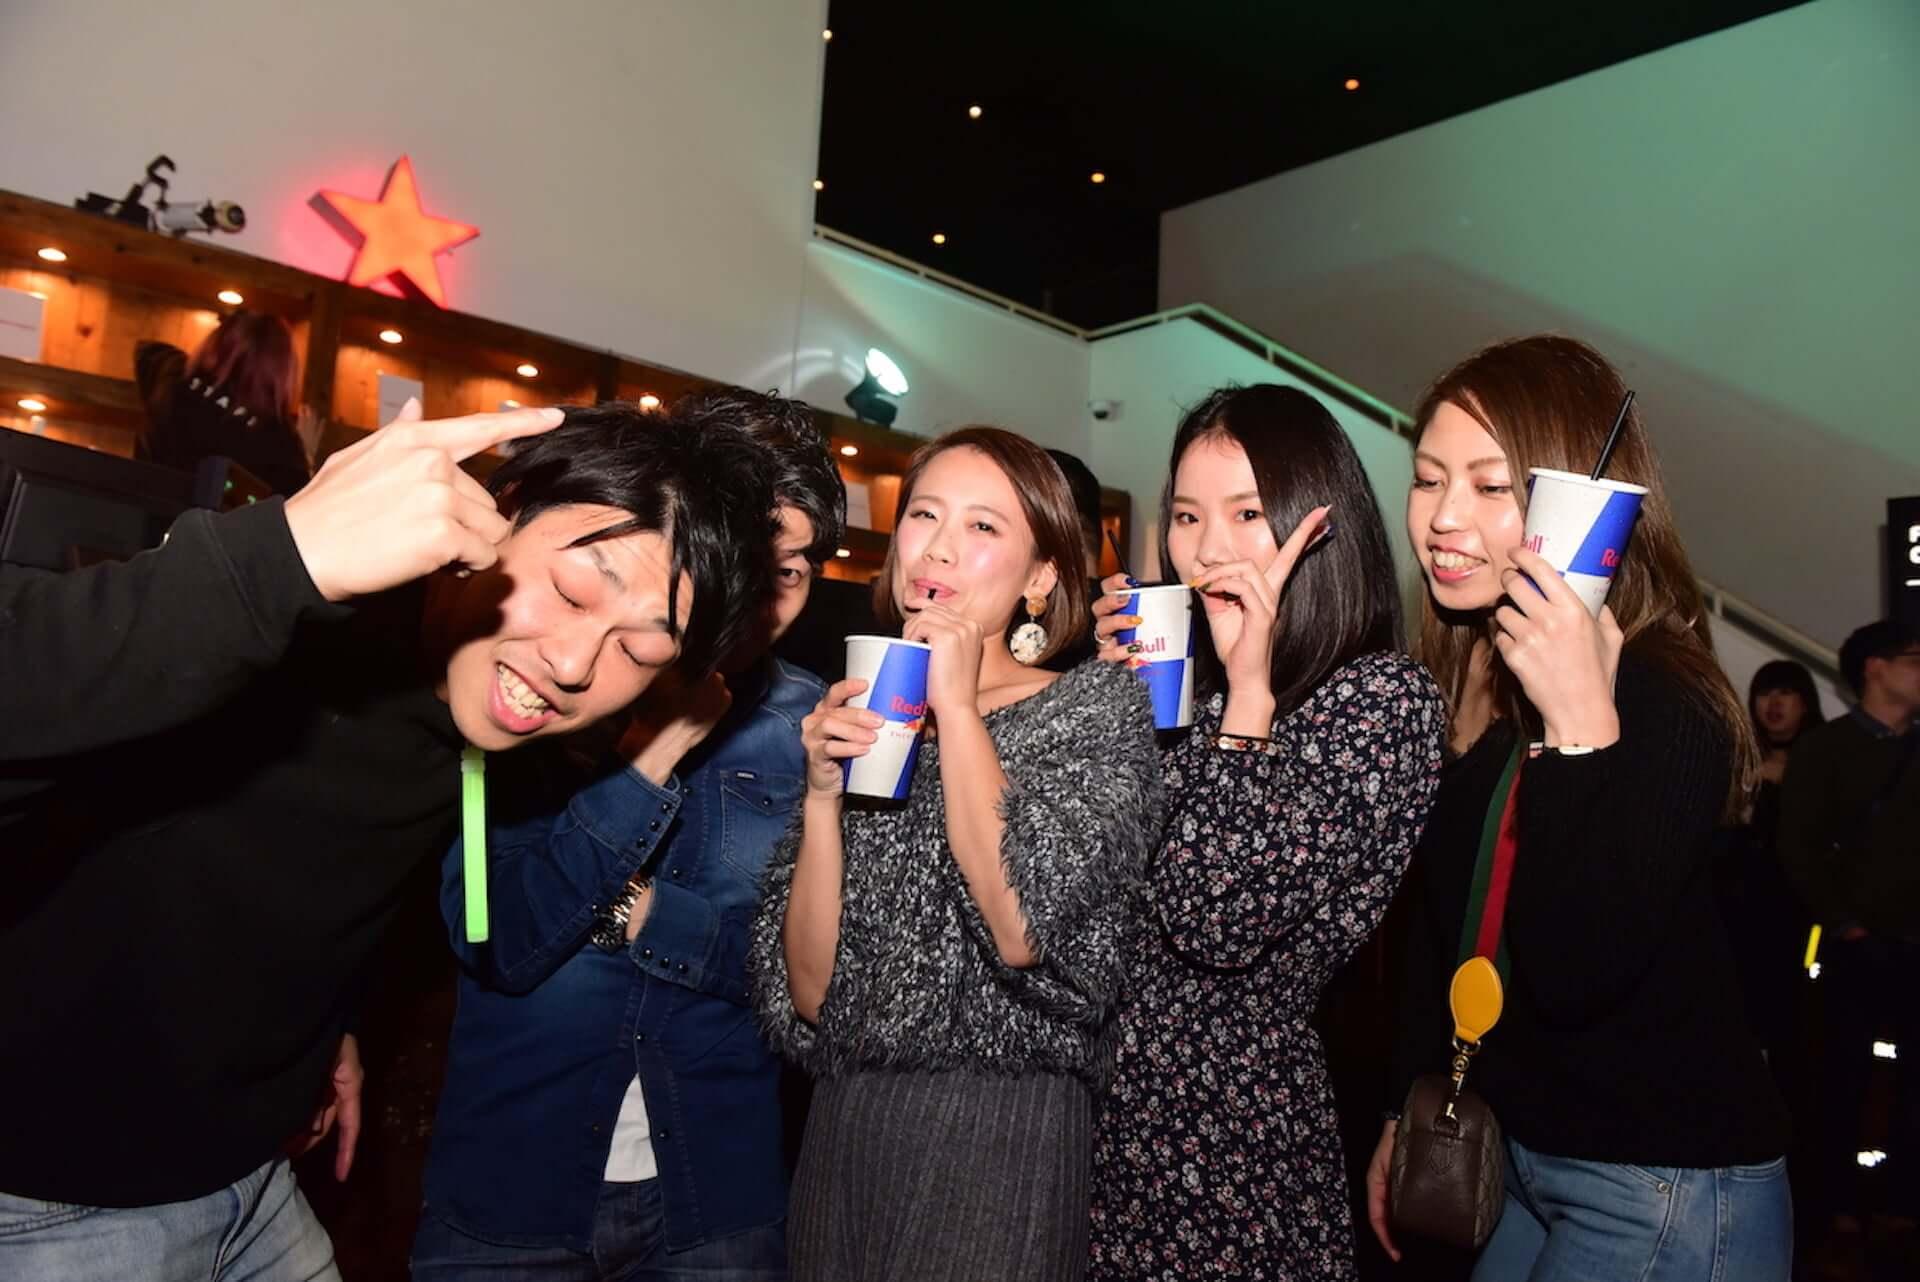 3,000人が出会う一夜!りんごちゃん、t-Ace等々出演のsagami original presents<SABISHINBO NIGHT 2019>25周年目のイベントレポート music191224_sabishinbo2019after_8-1920x1282